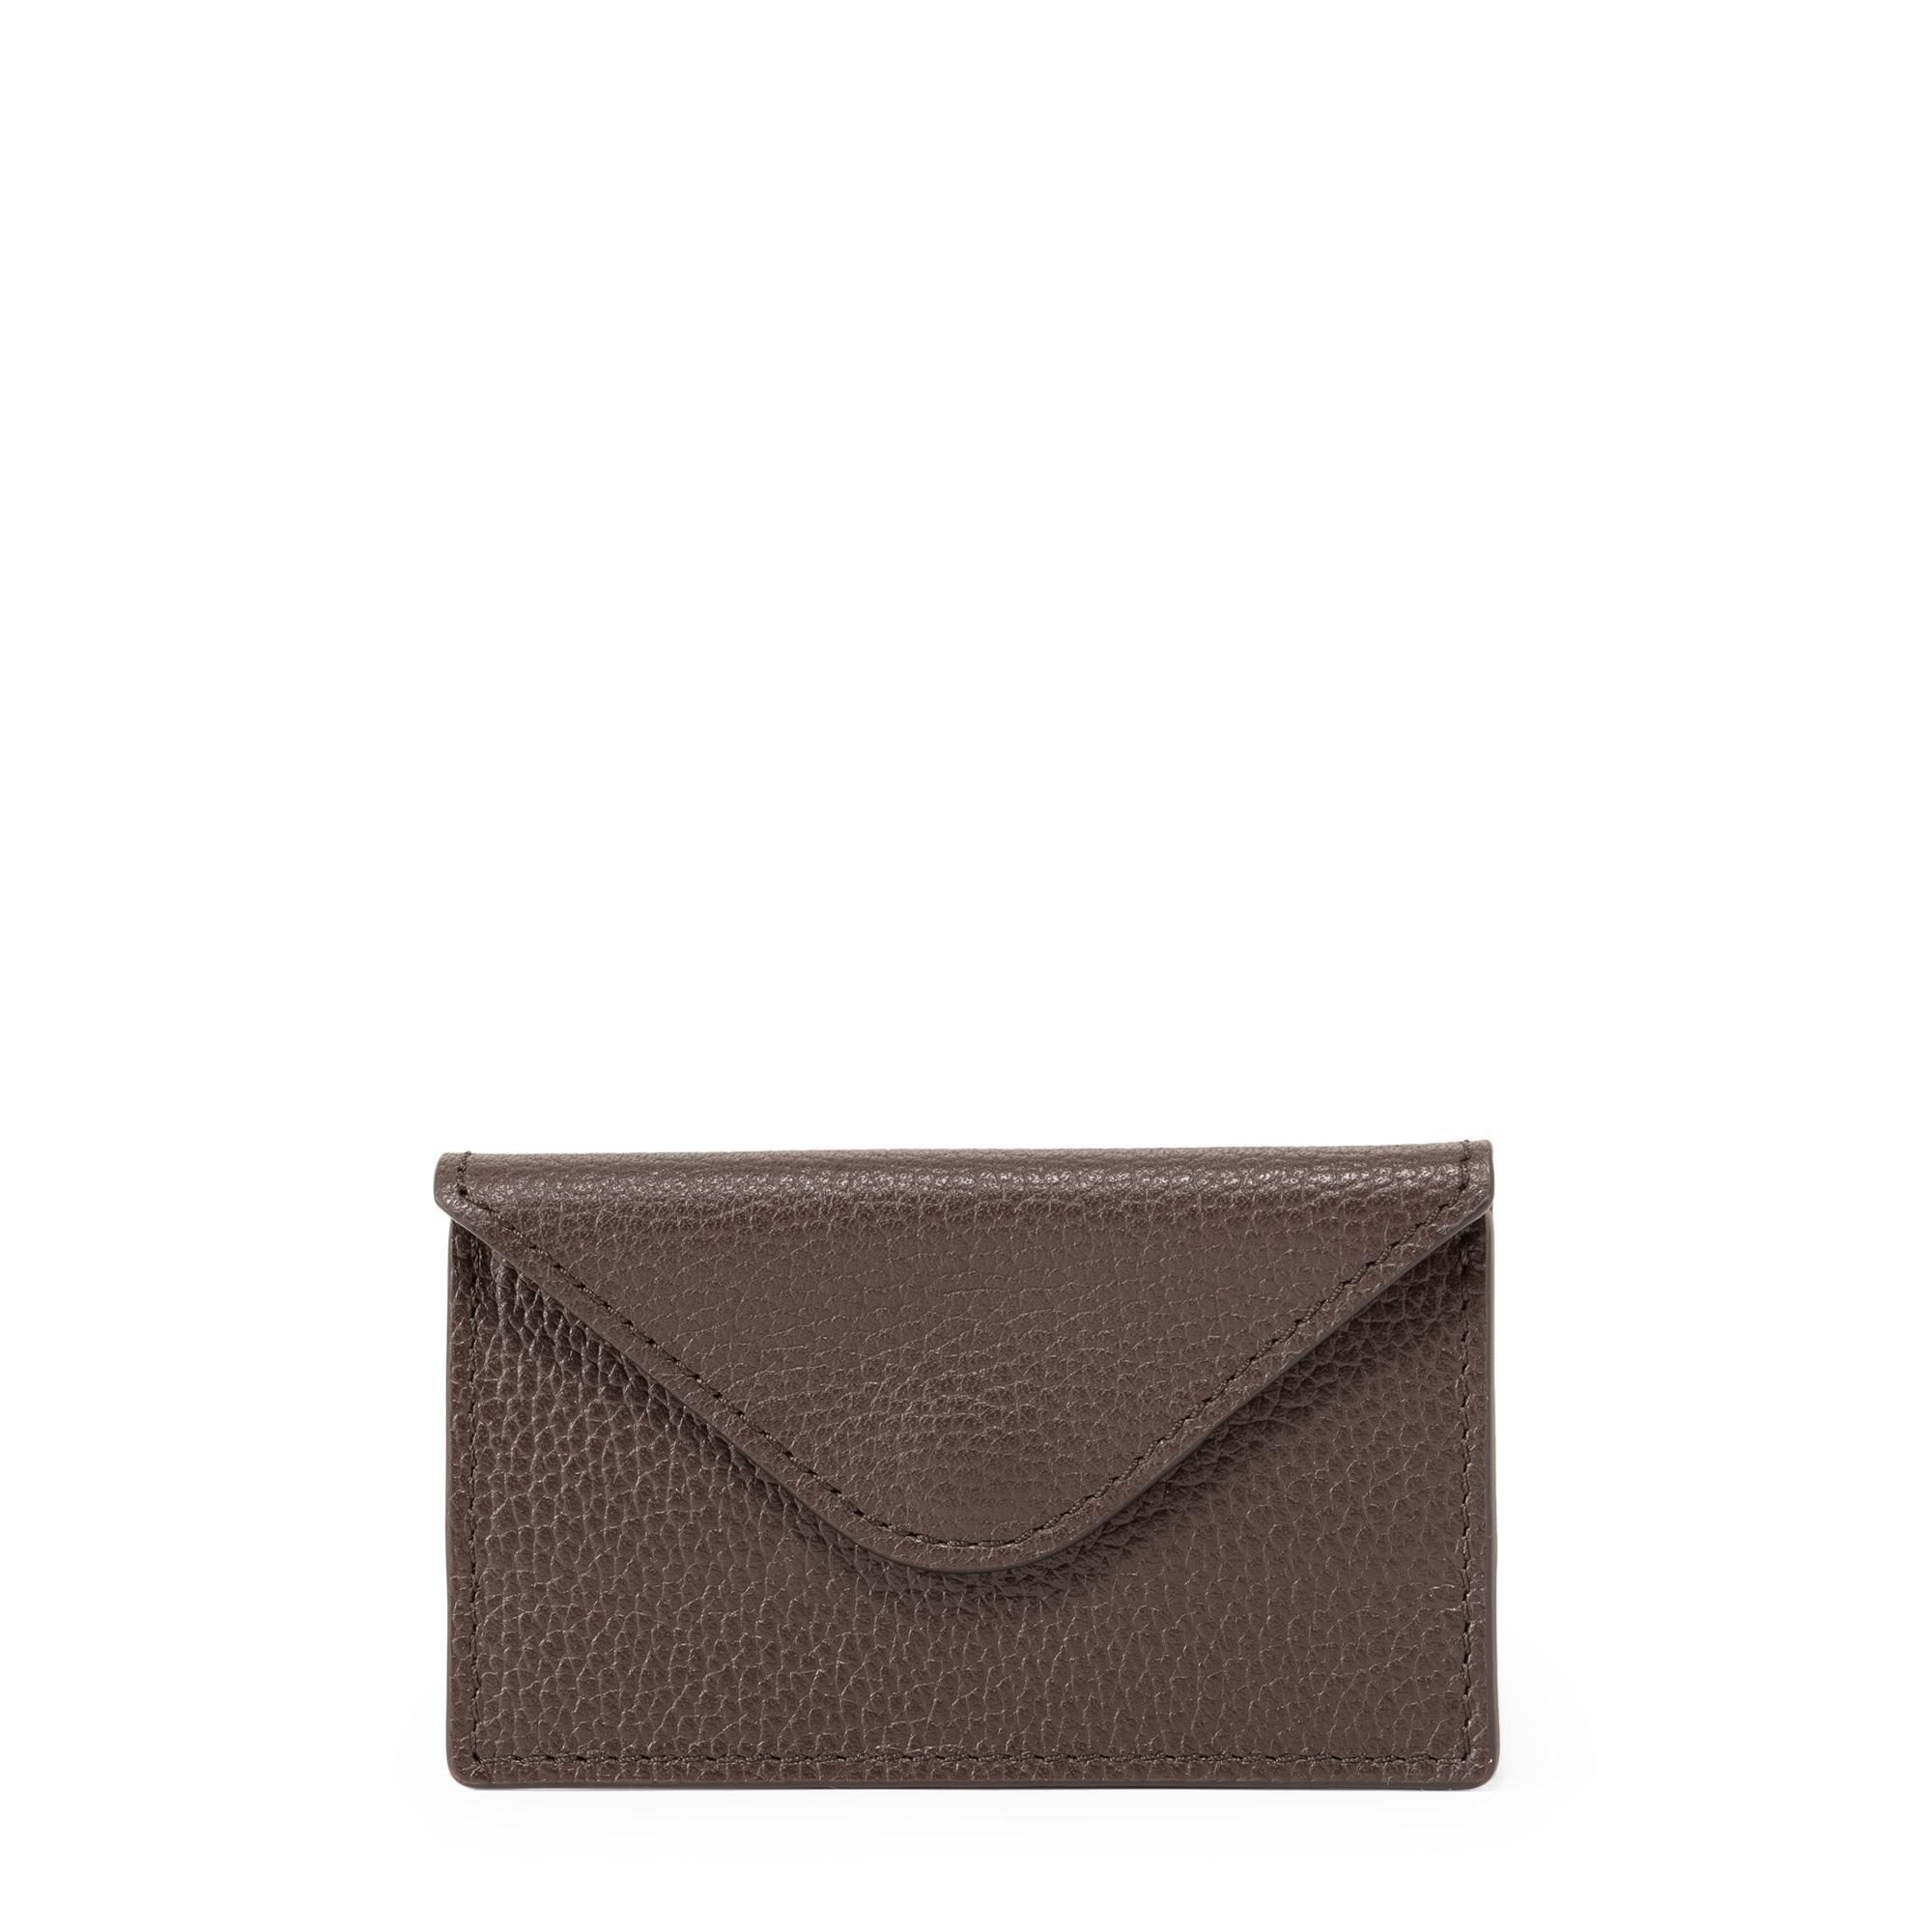 Leather envelope card holder